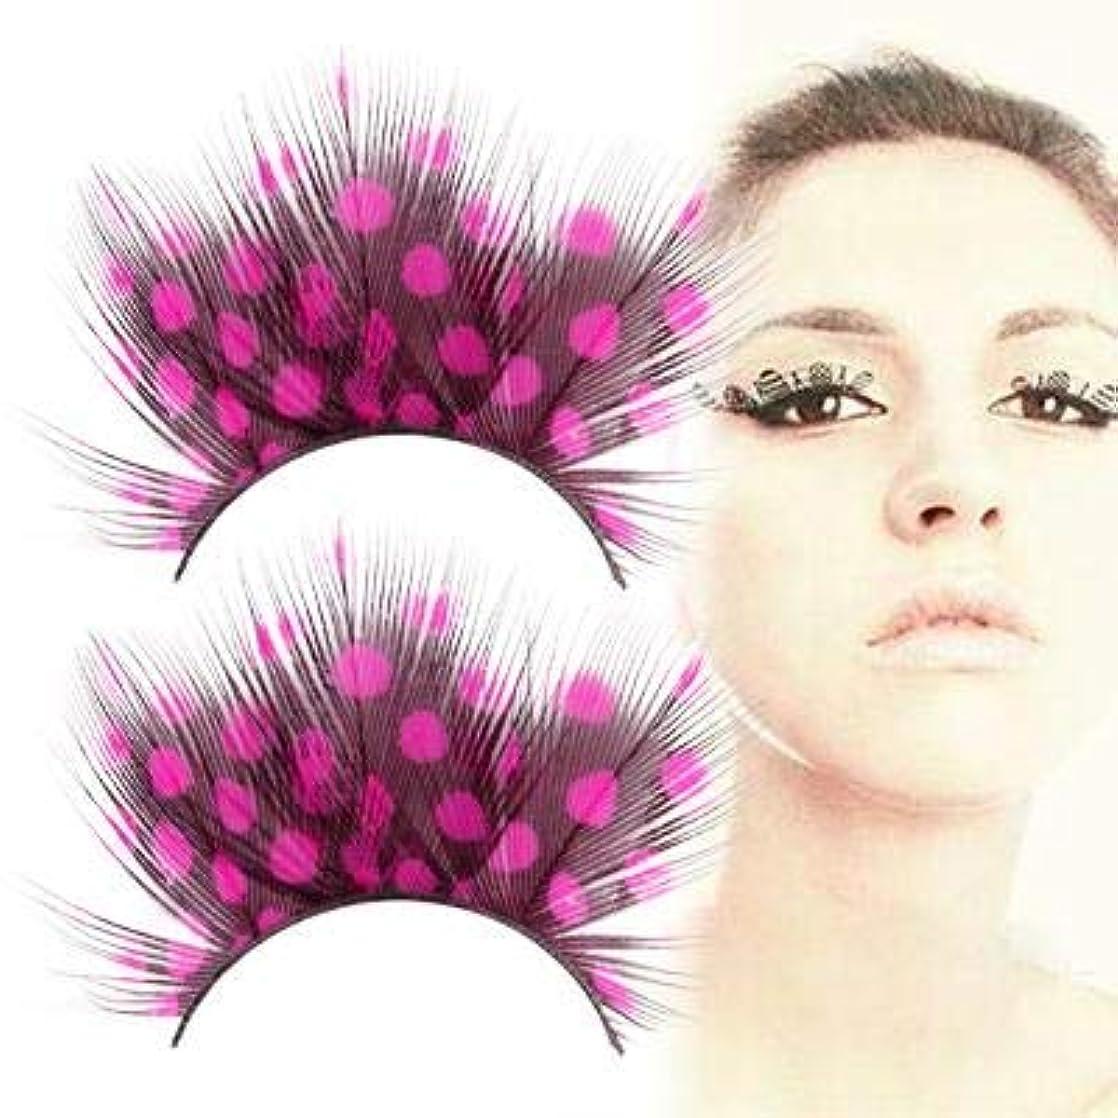 アロング値下げ優雅美容アクセサリー ペアのスポットデザイン大きな目の偽のまつげ 写真美容アクセサリー (色 : Color1)